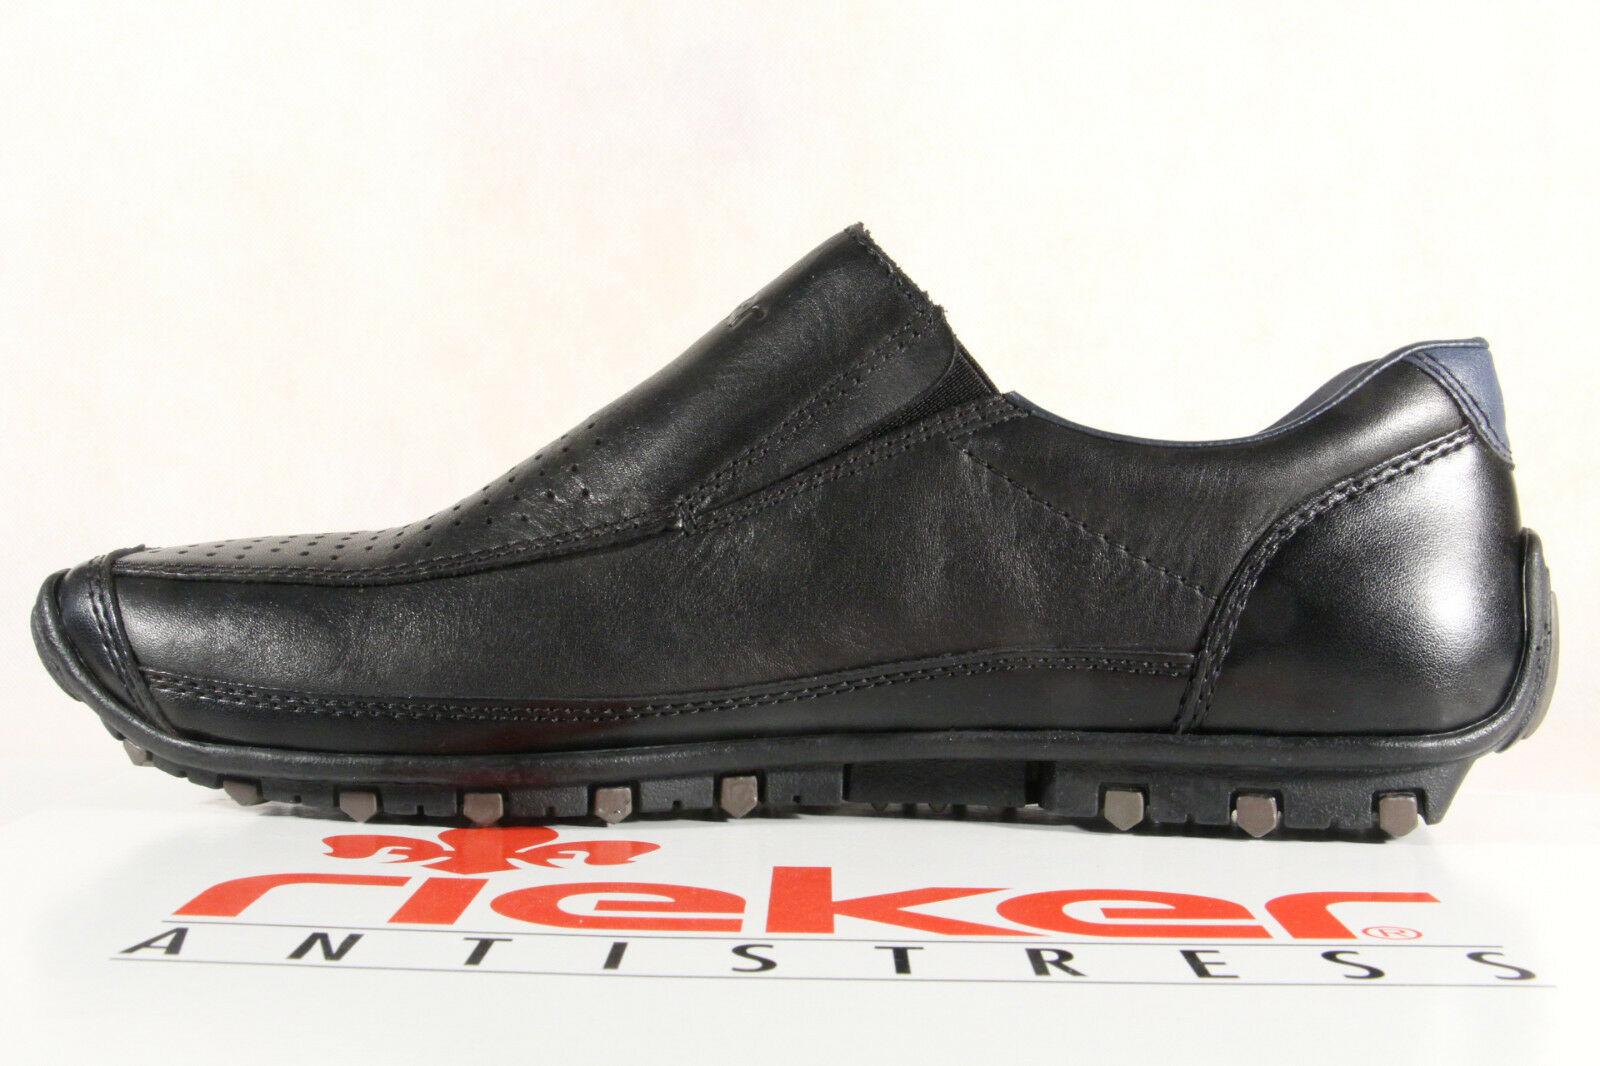 Rieker Slipper Halbschuhe Sneakers schwarz Leder 08985 NEU 1aUgf